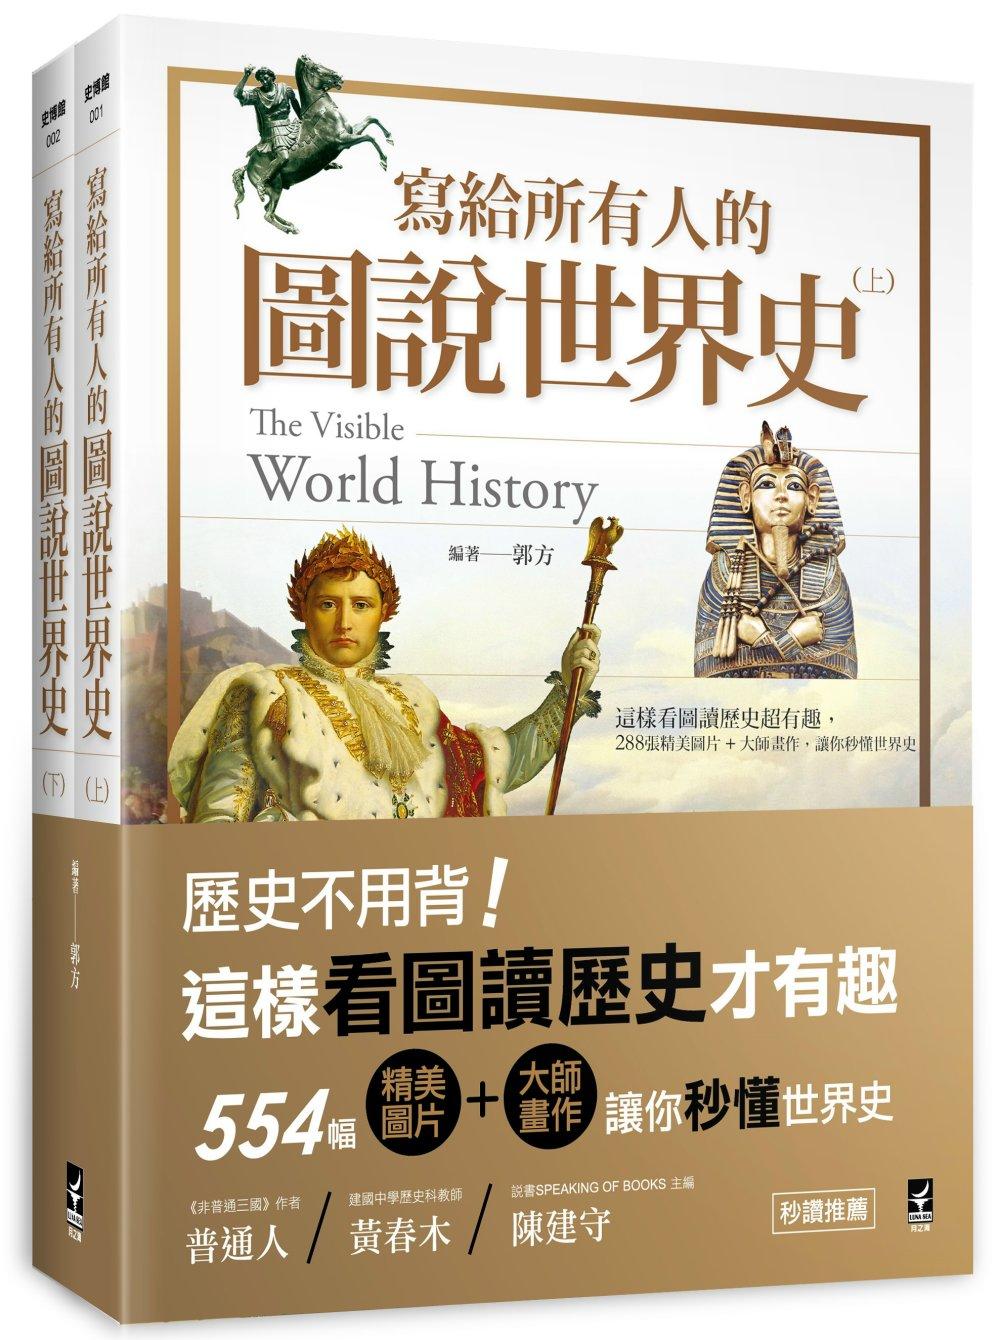 寫給所有人的圖說世界史(全):這樣看圖讀歷史超有趣,554張精美圖片+大師畫作,讓你秒懂世界史